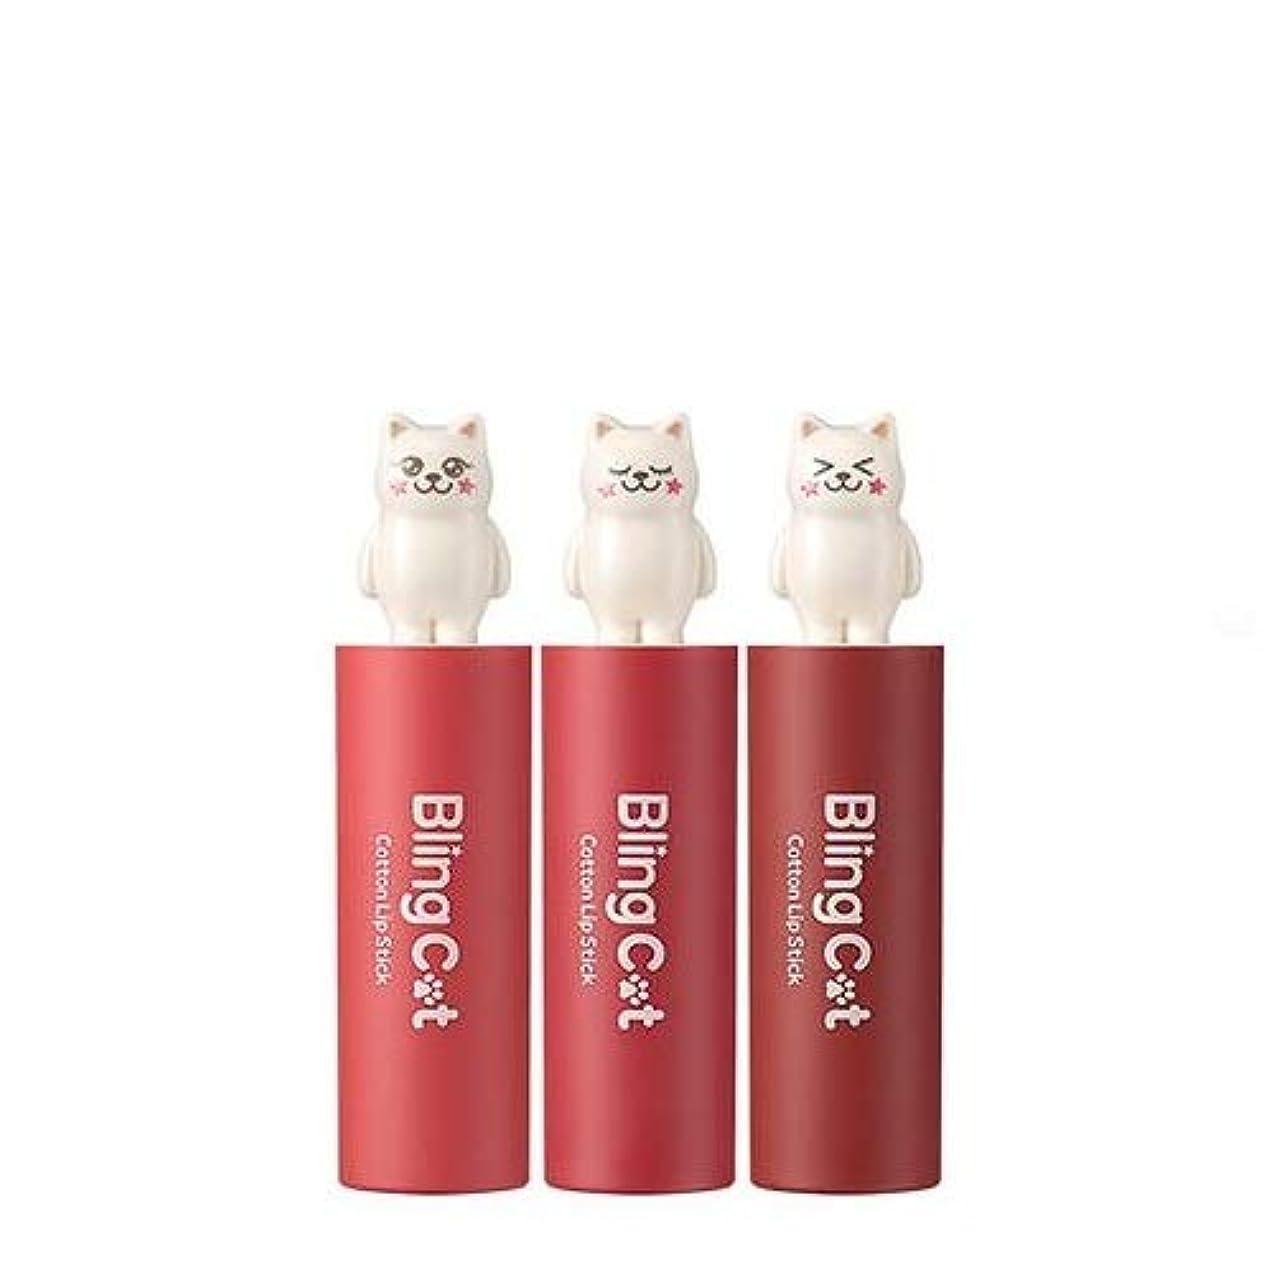 病な声を出して足枷トニーモリー ブリングキャット コットン リップスティック 3.4g / TONYMOLY Bling Cat Cotton Lipstick # 10. Black Tea Plum [並行輸入品]